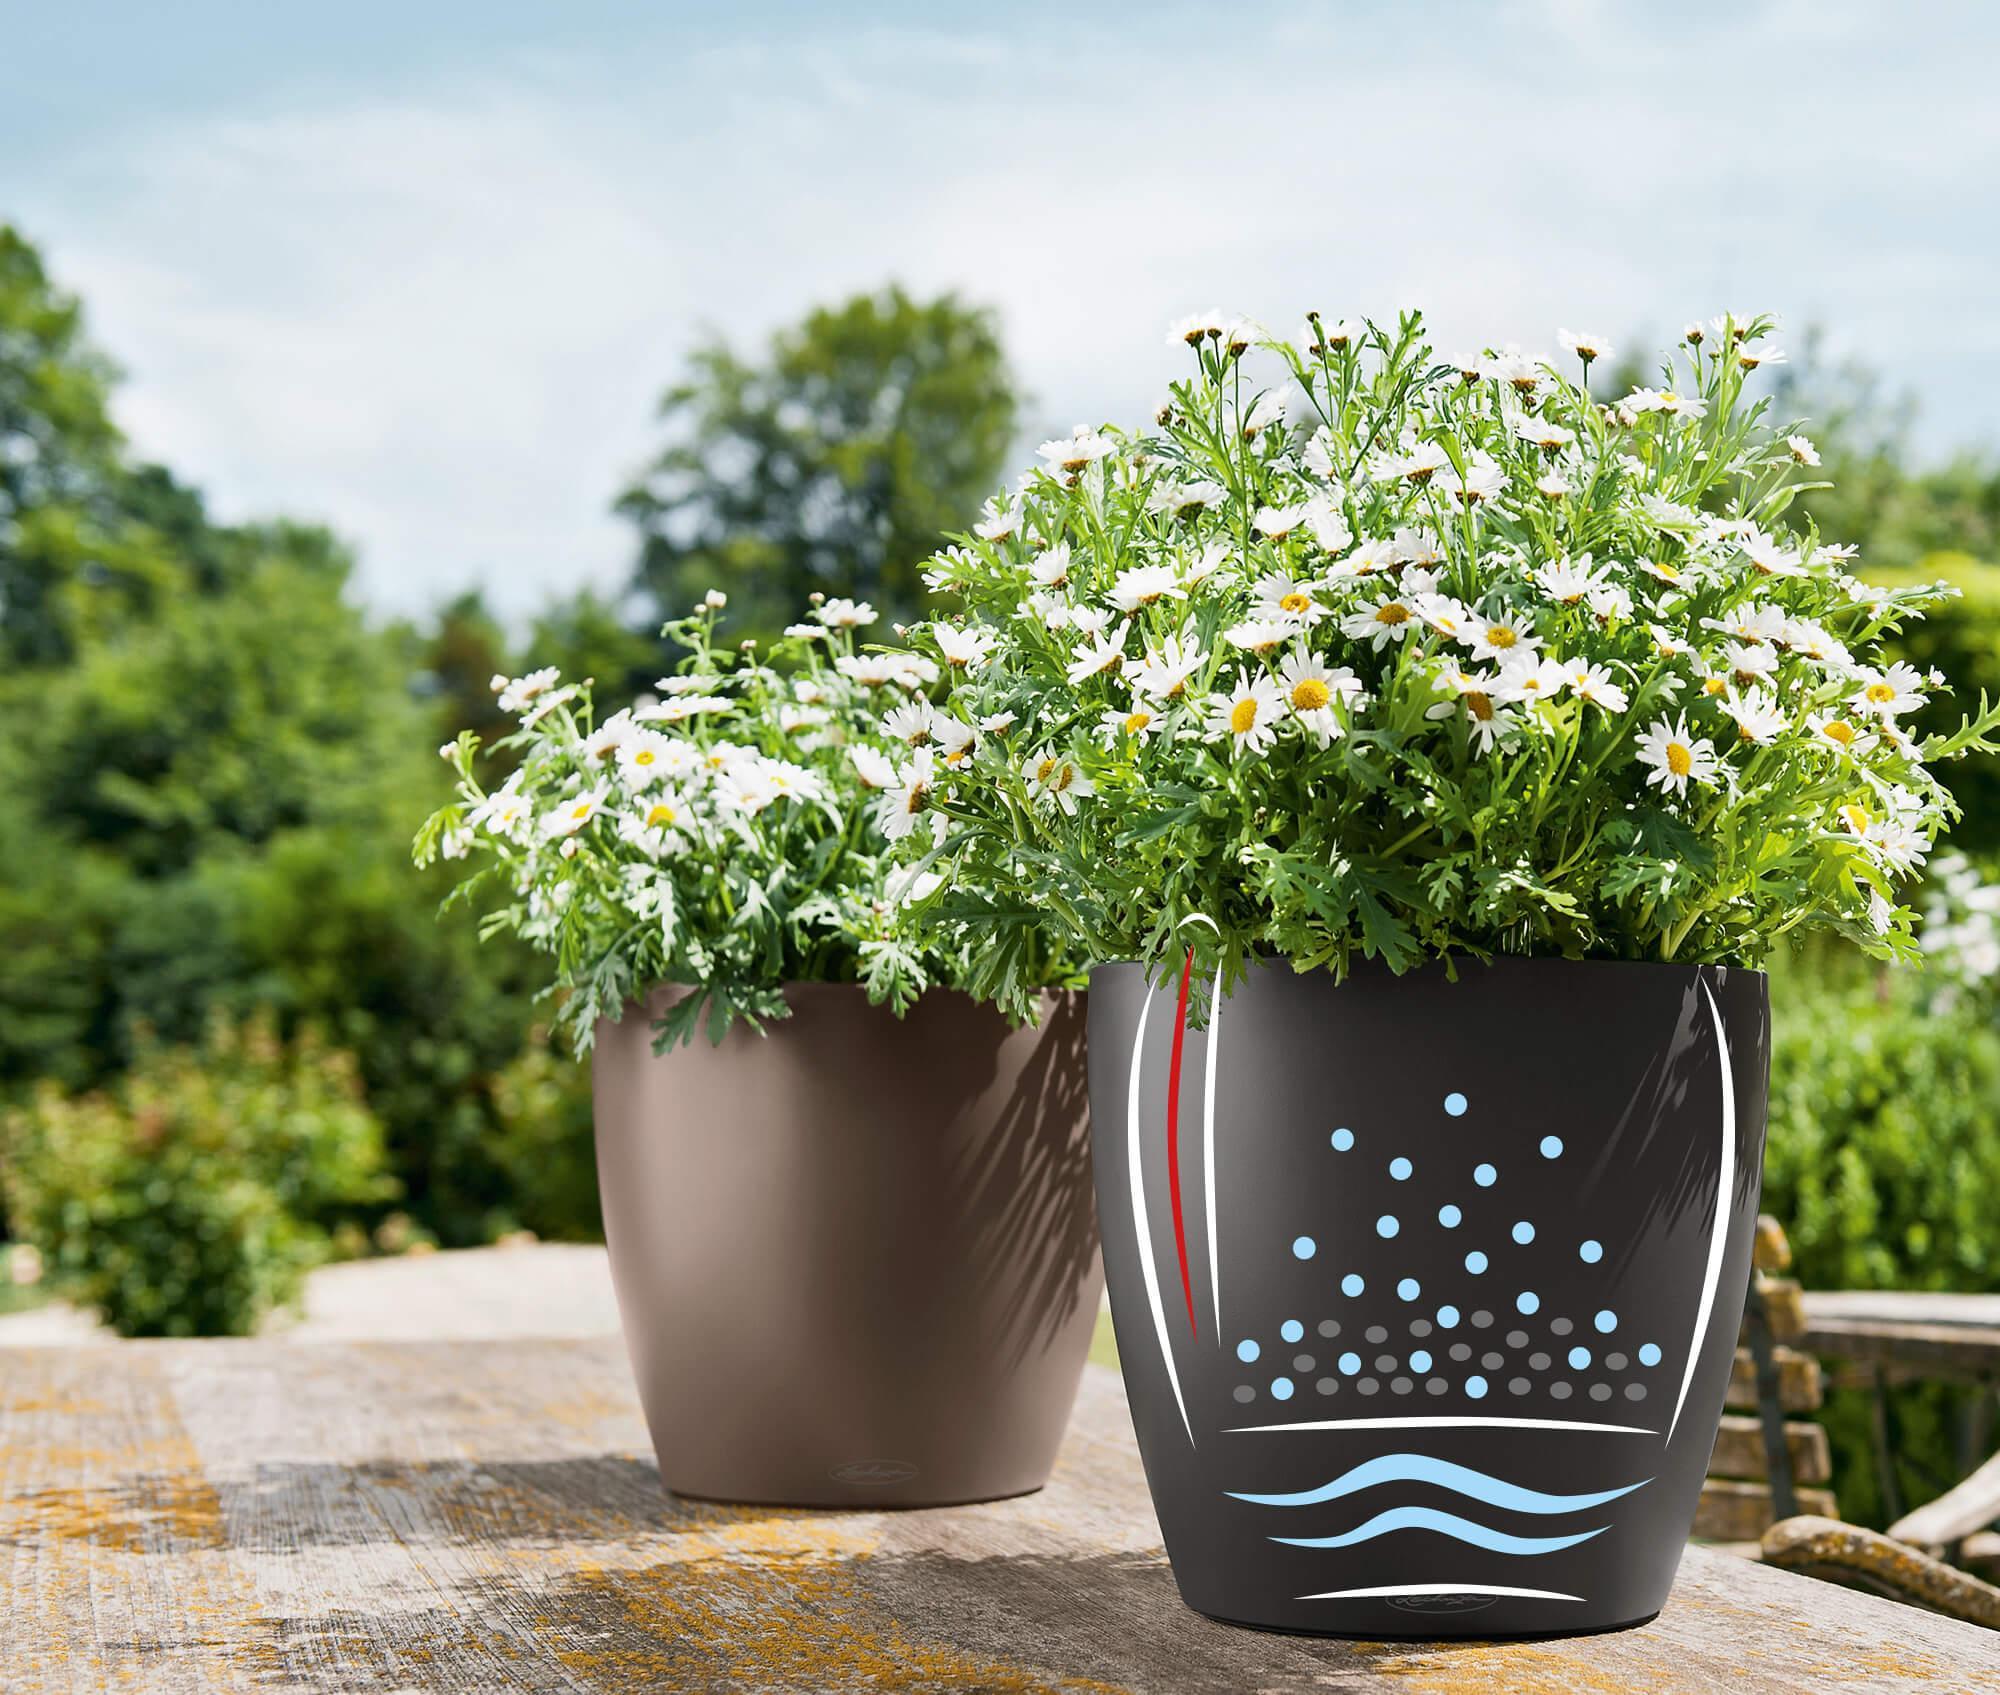 endlich urlaub so bleiben ihre pflanzen frisch und gr n. Black Bedroom Furniture Sets. Home Design Ideas